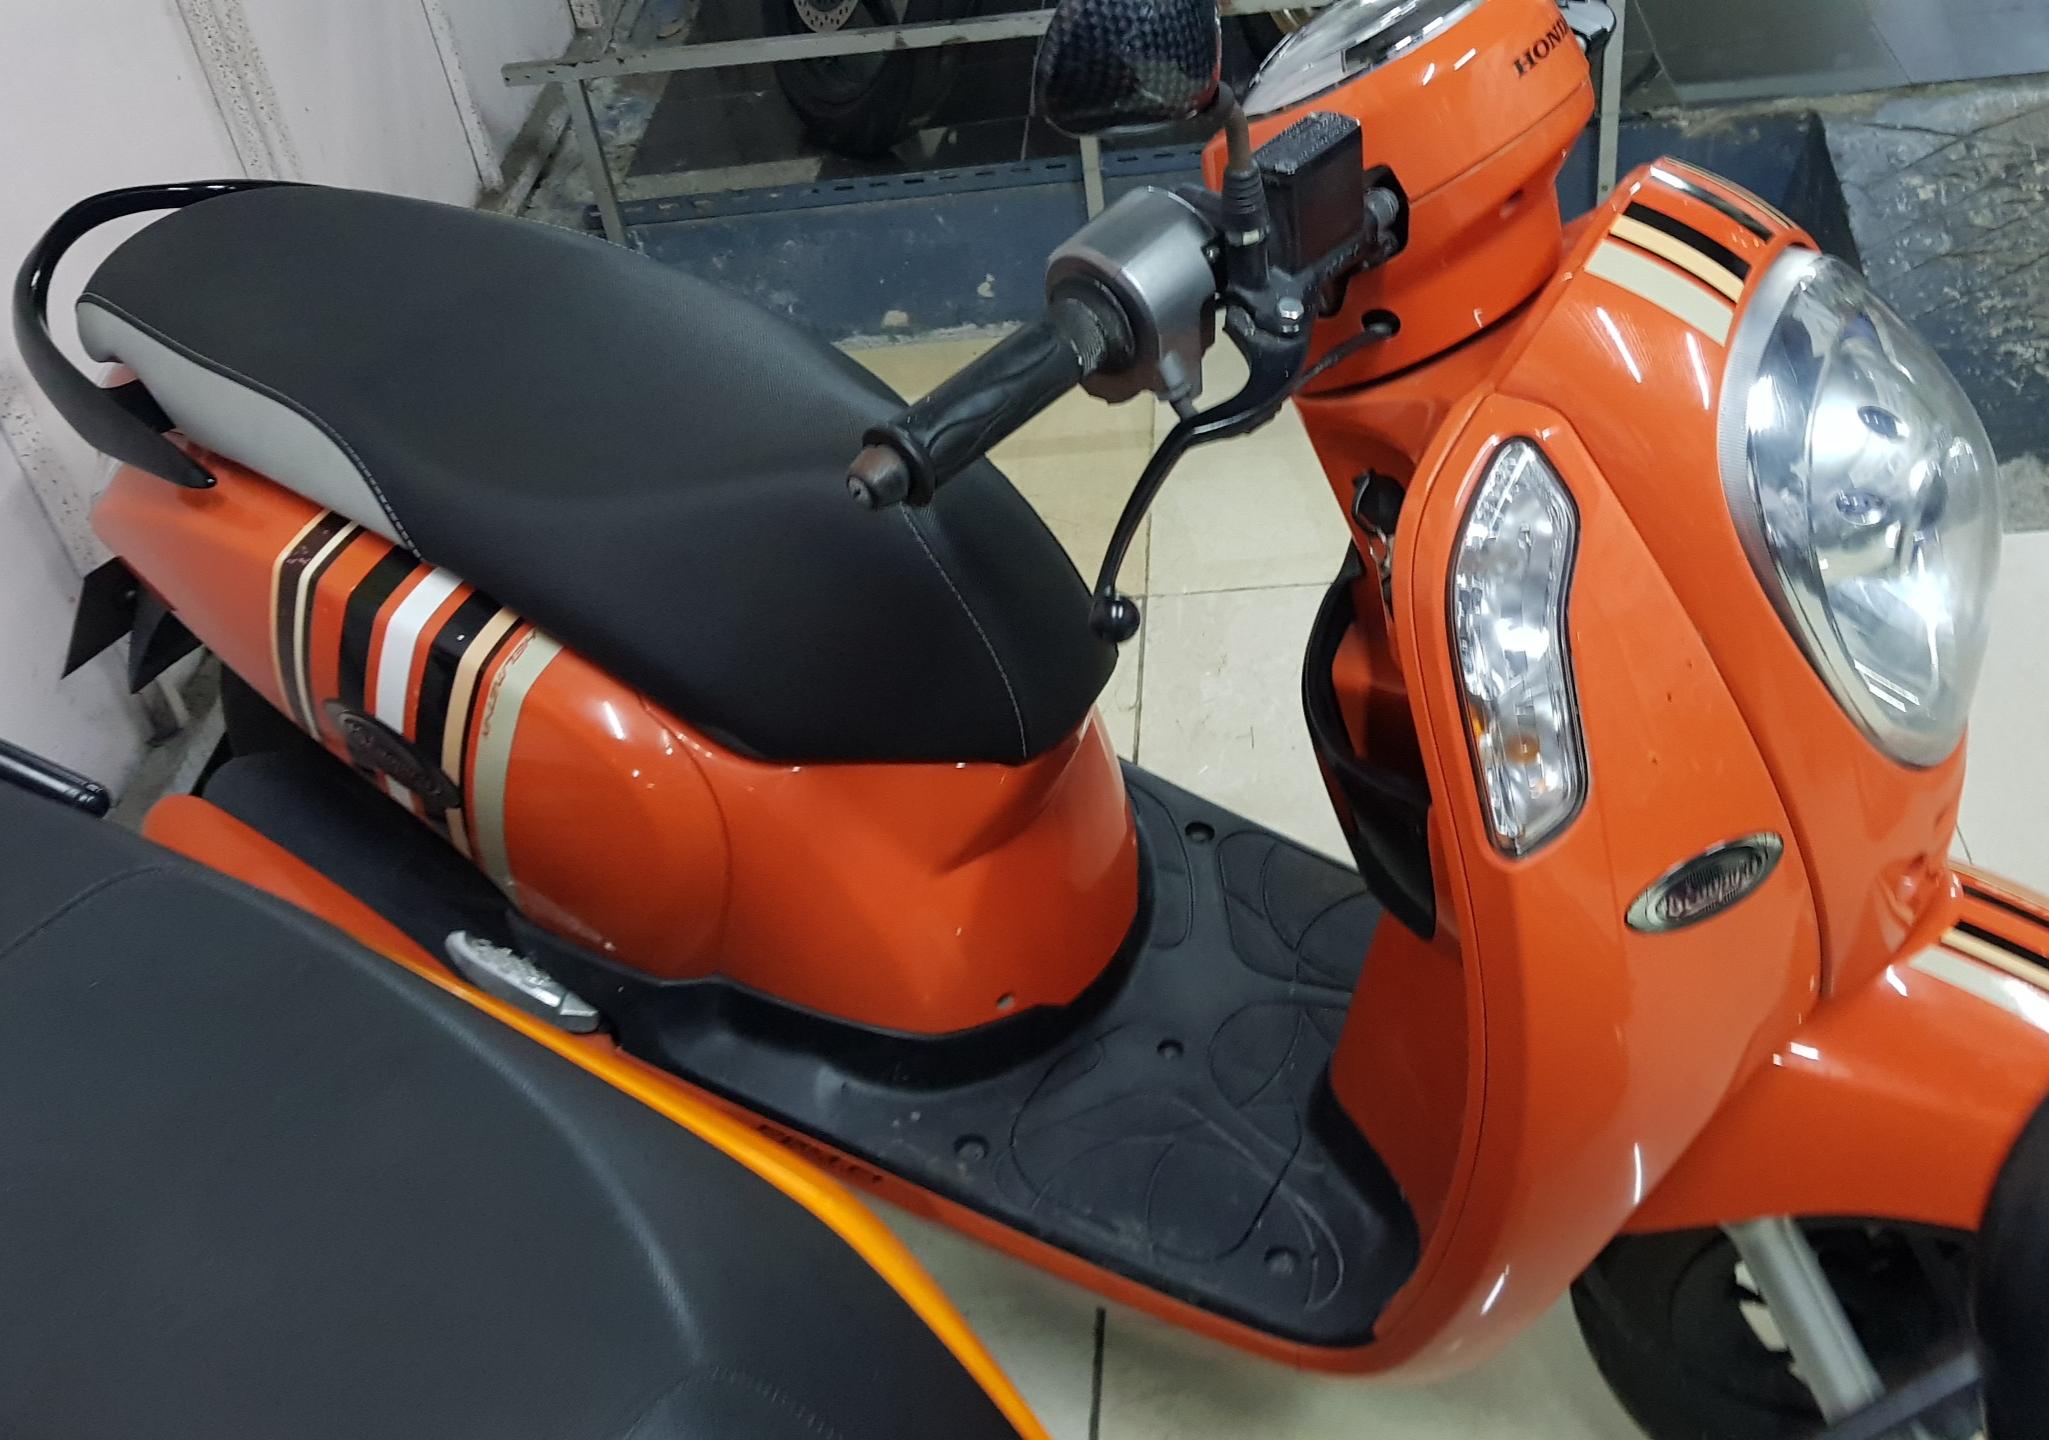 (ผ่อนได้)Scoopy สีส้ม ตัวท็อปล้อแม็กซ์คอมบายเบรค รถบ้านใช้น้อยจริง